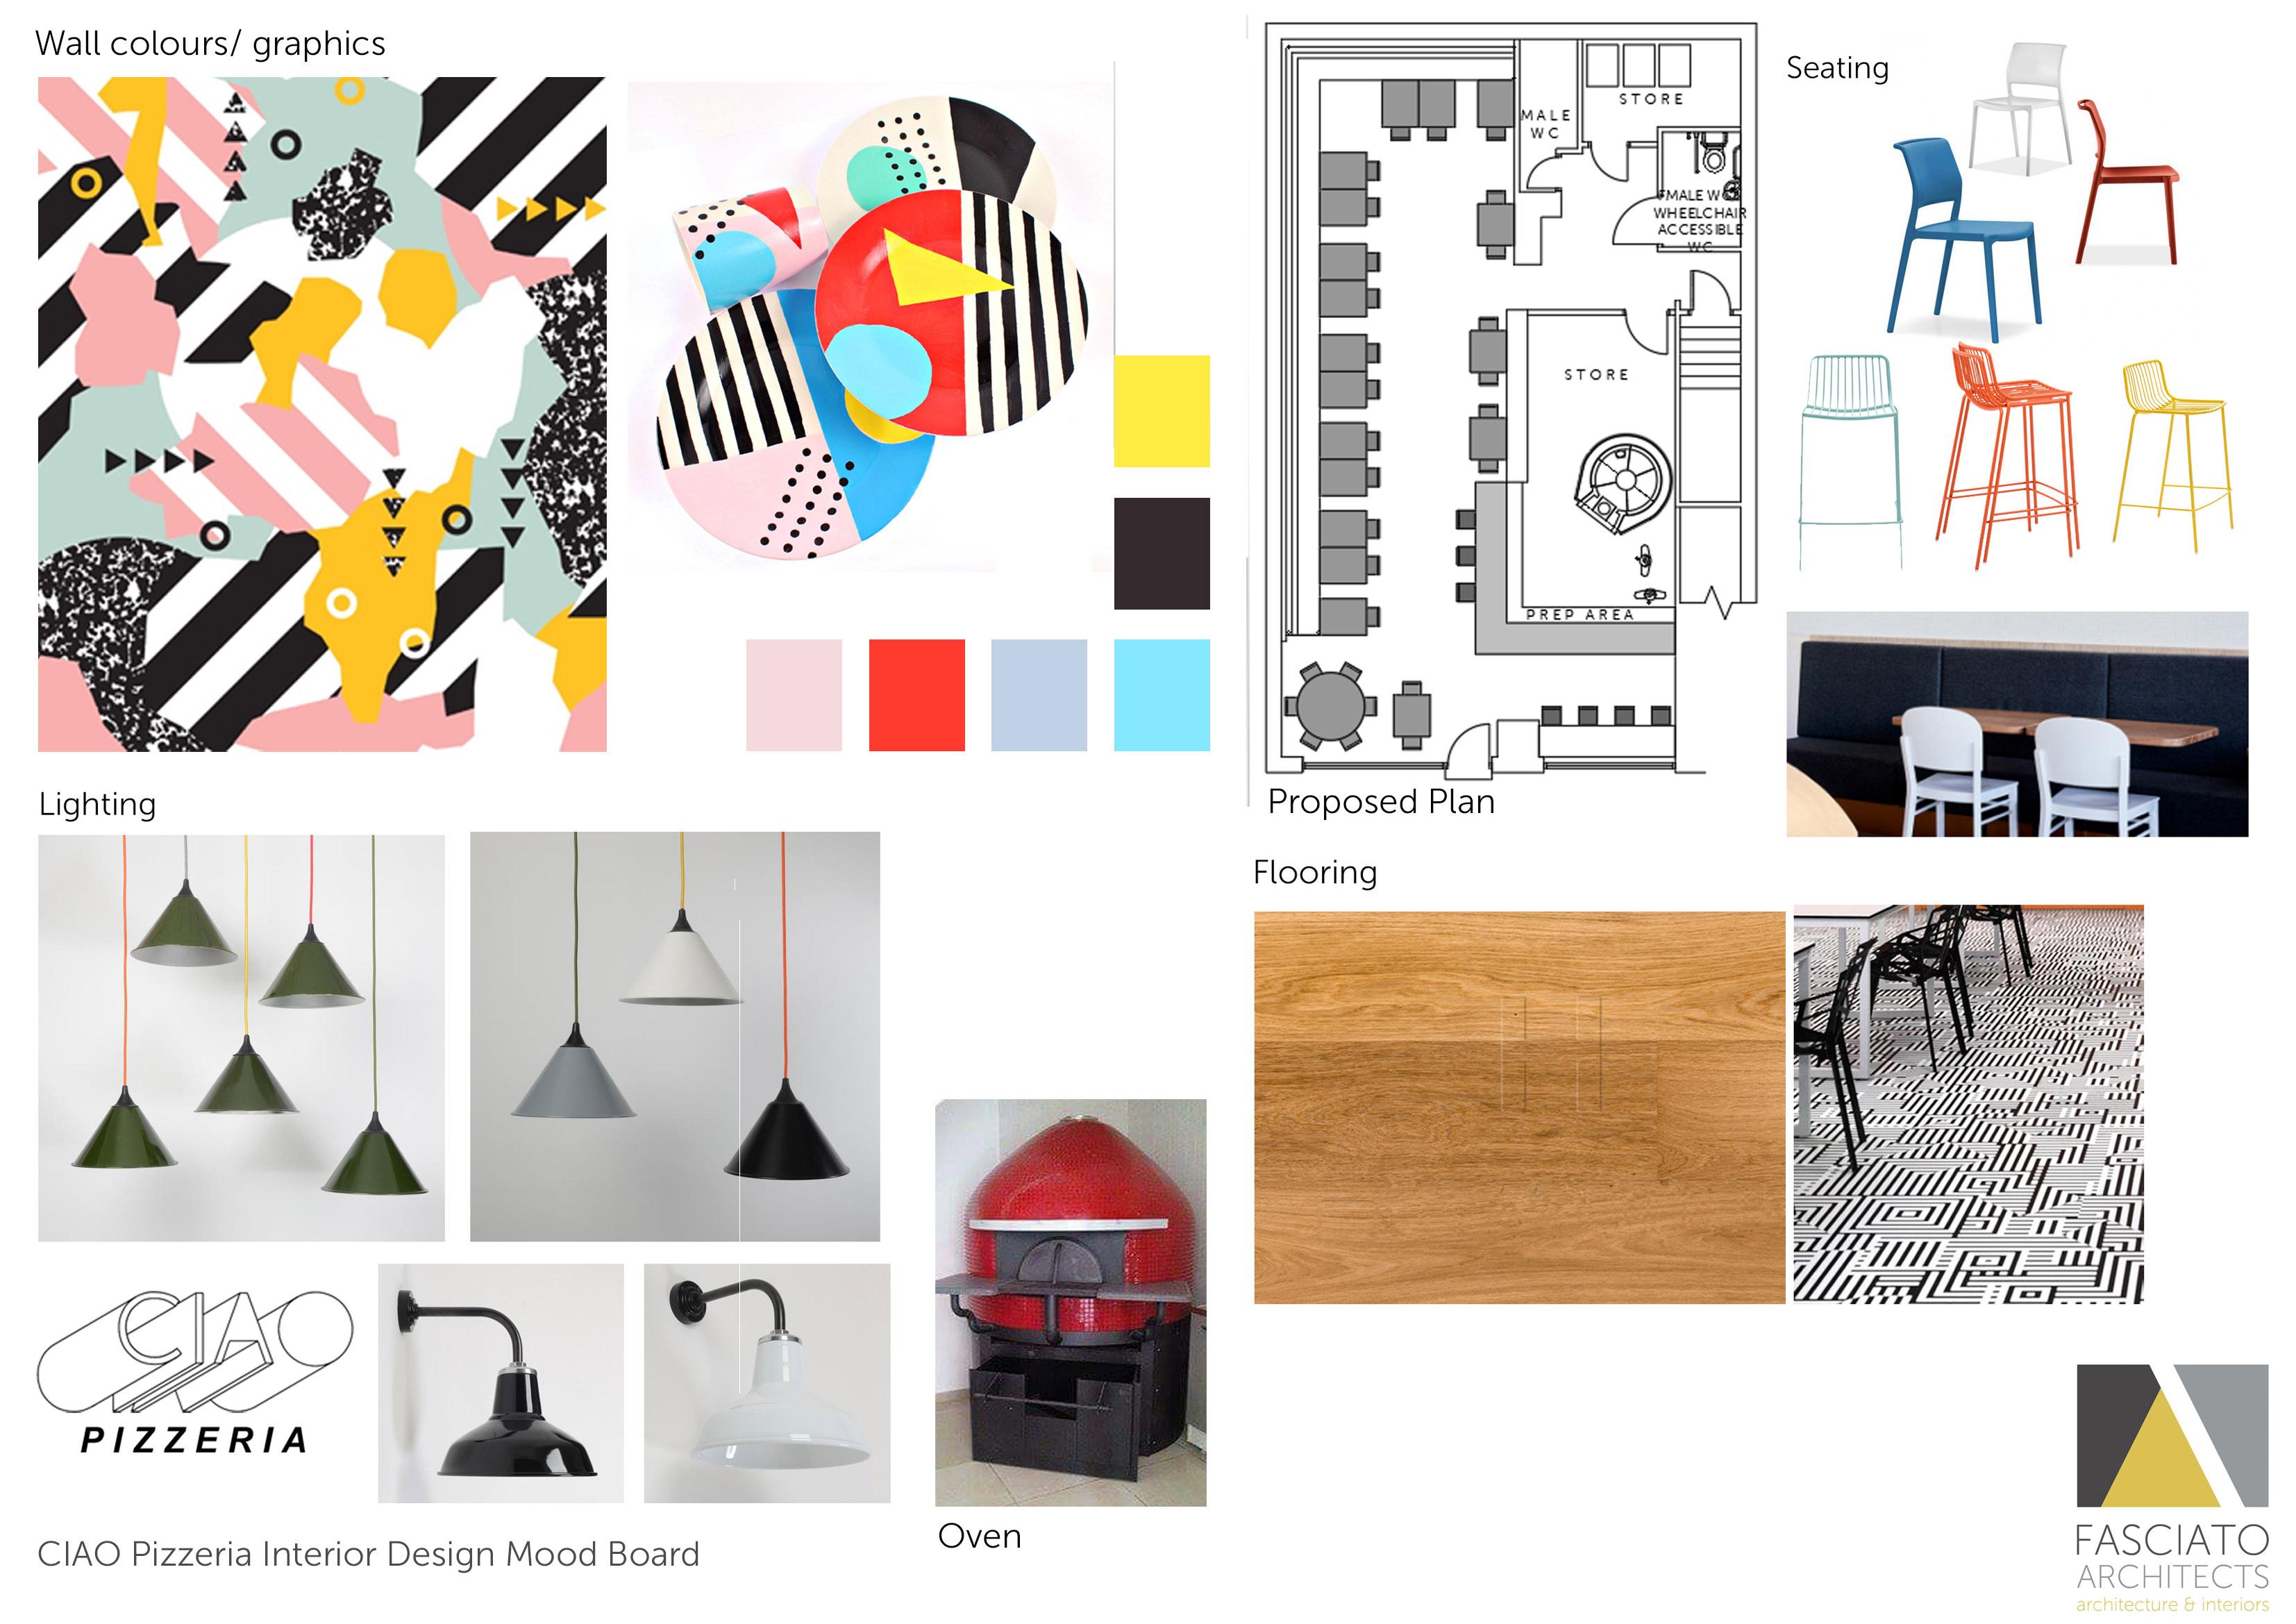 Ciao Interior Design And Branding Concepts Fasciato Architects,Interior Furniture Interior Home Decoration Ideas